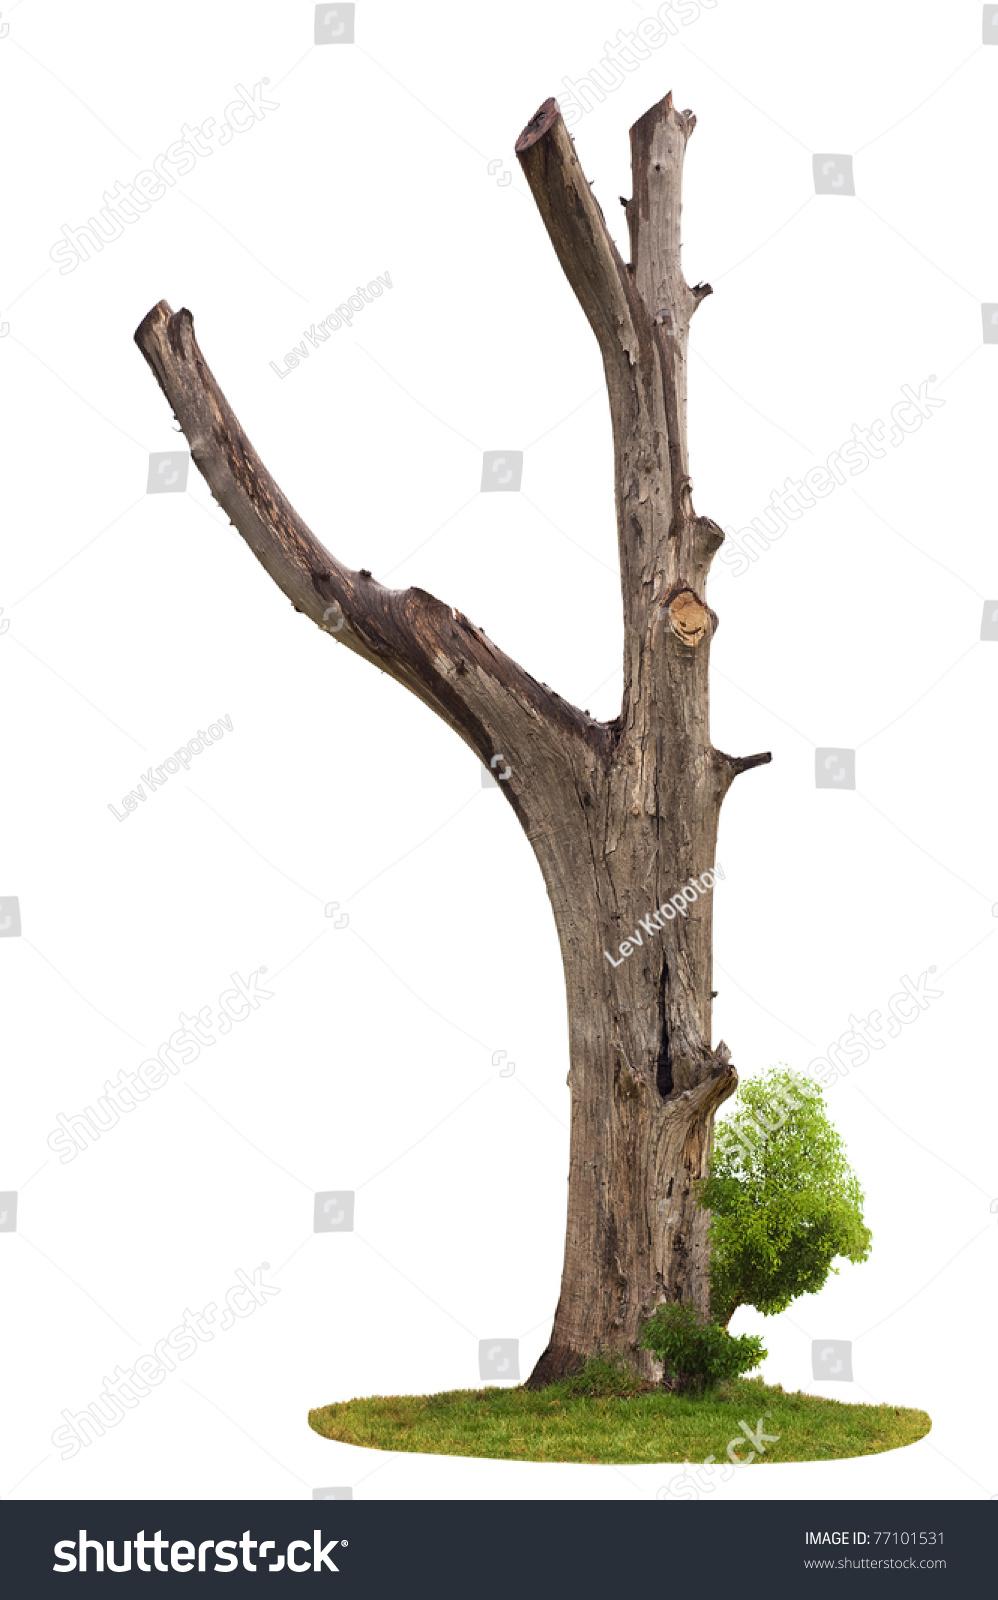 Сучки на дереве 8 фотография